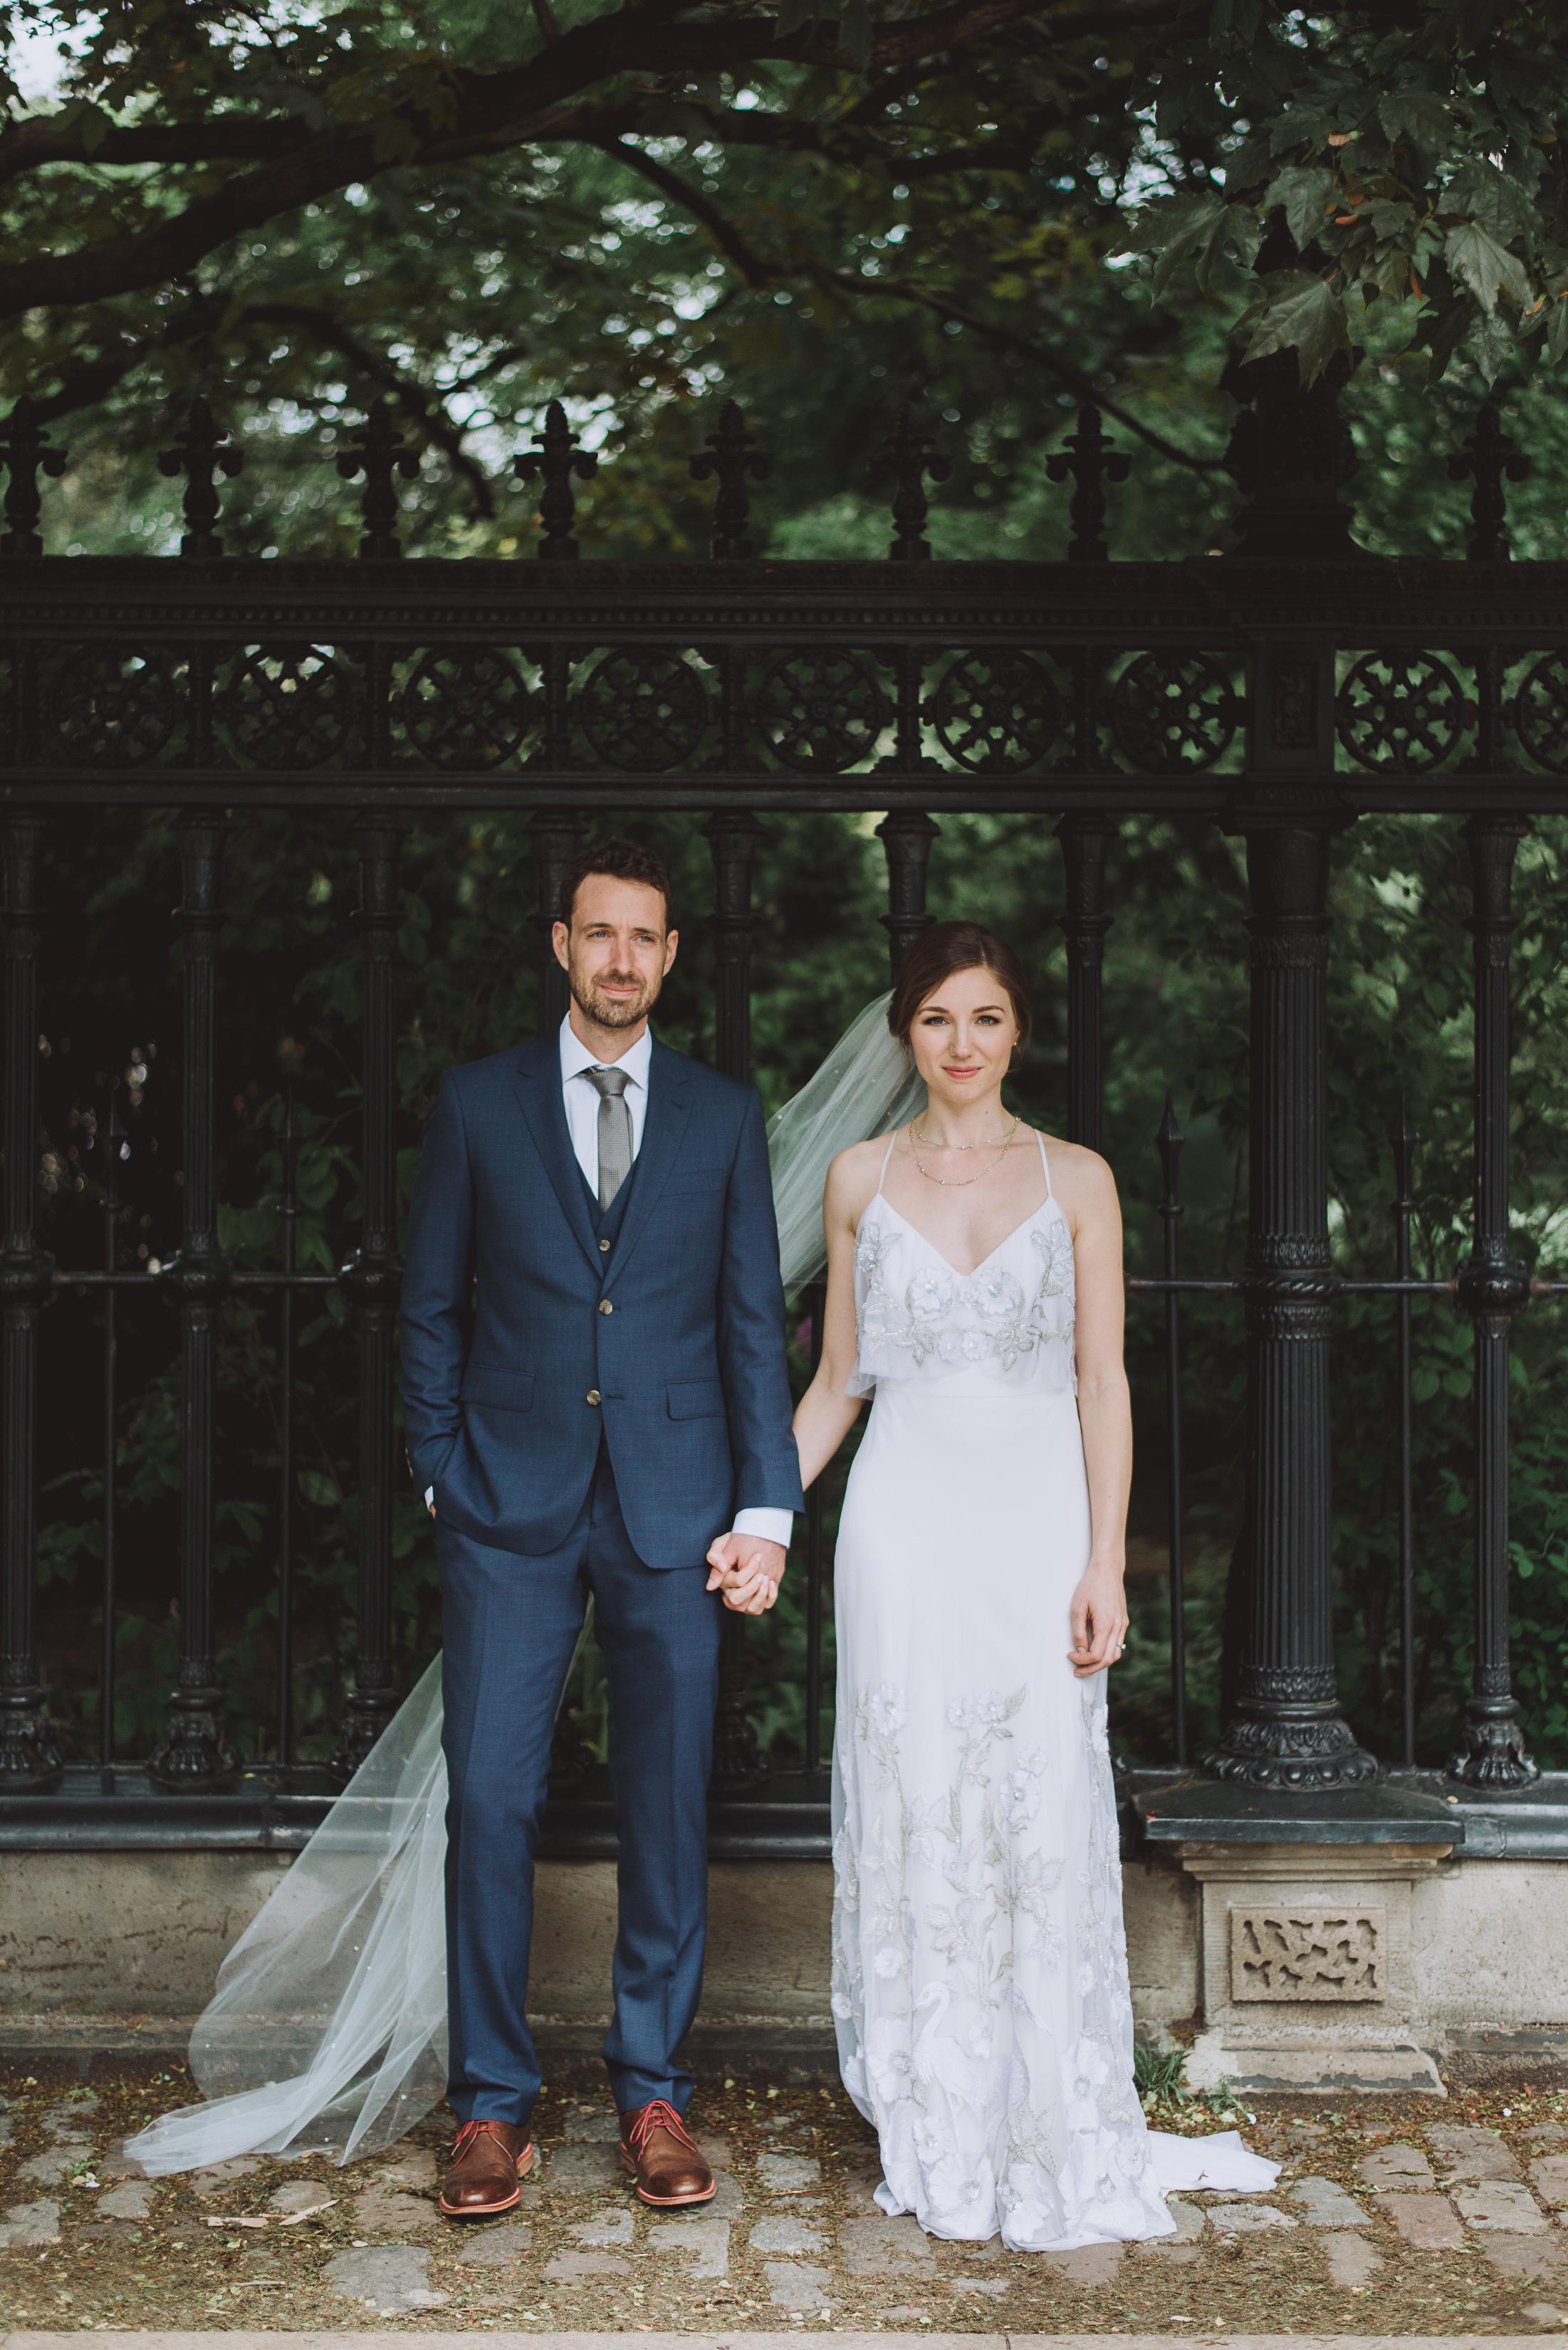 Jessica&Ryan-LVIMAGERY-C-209.JPG